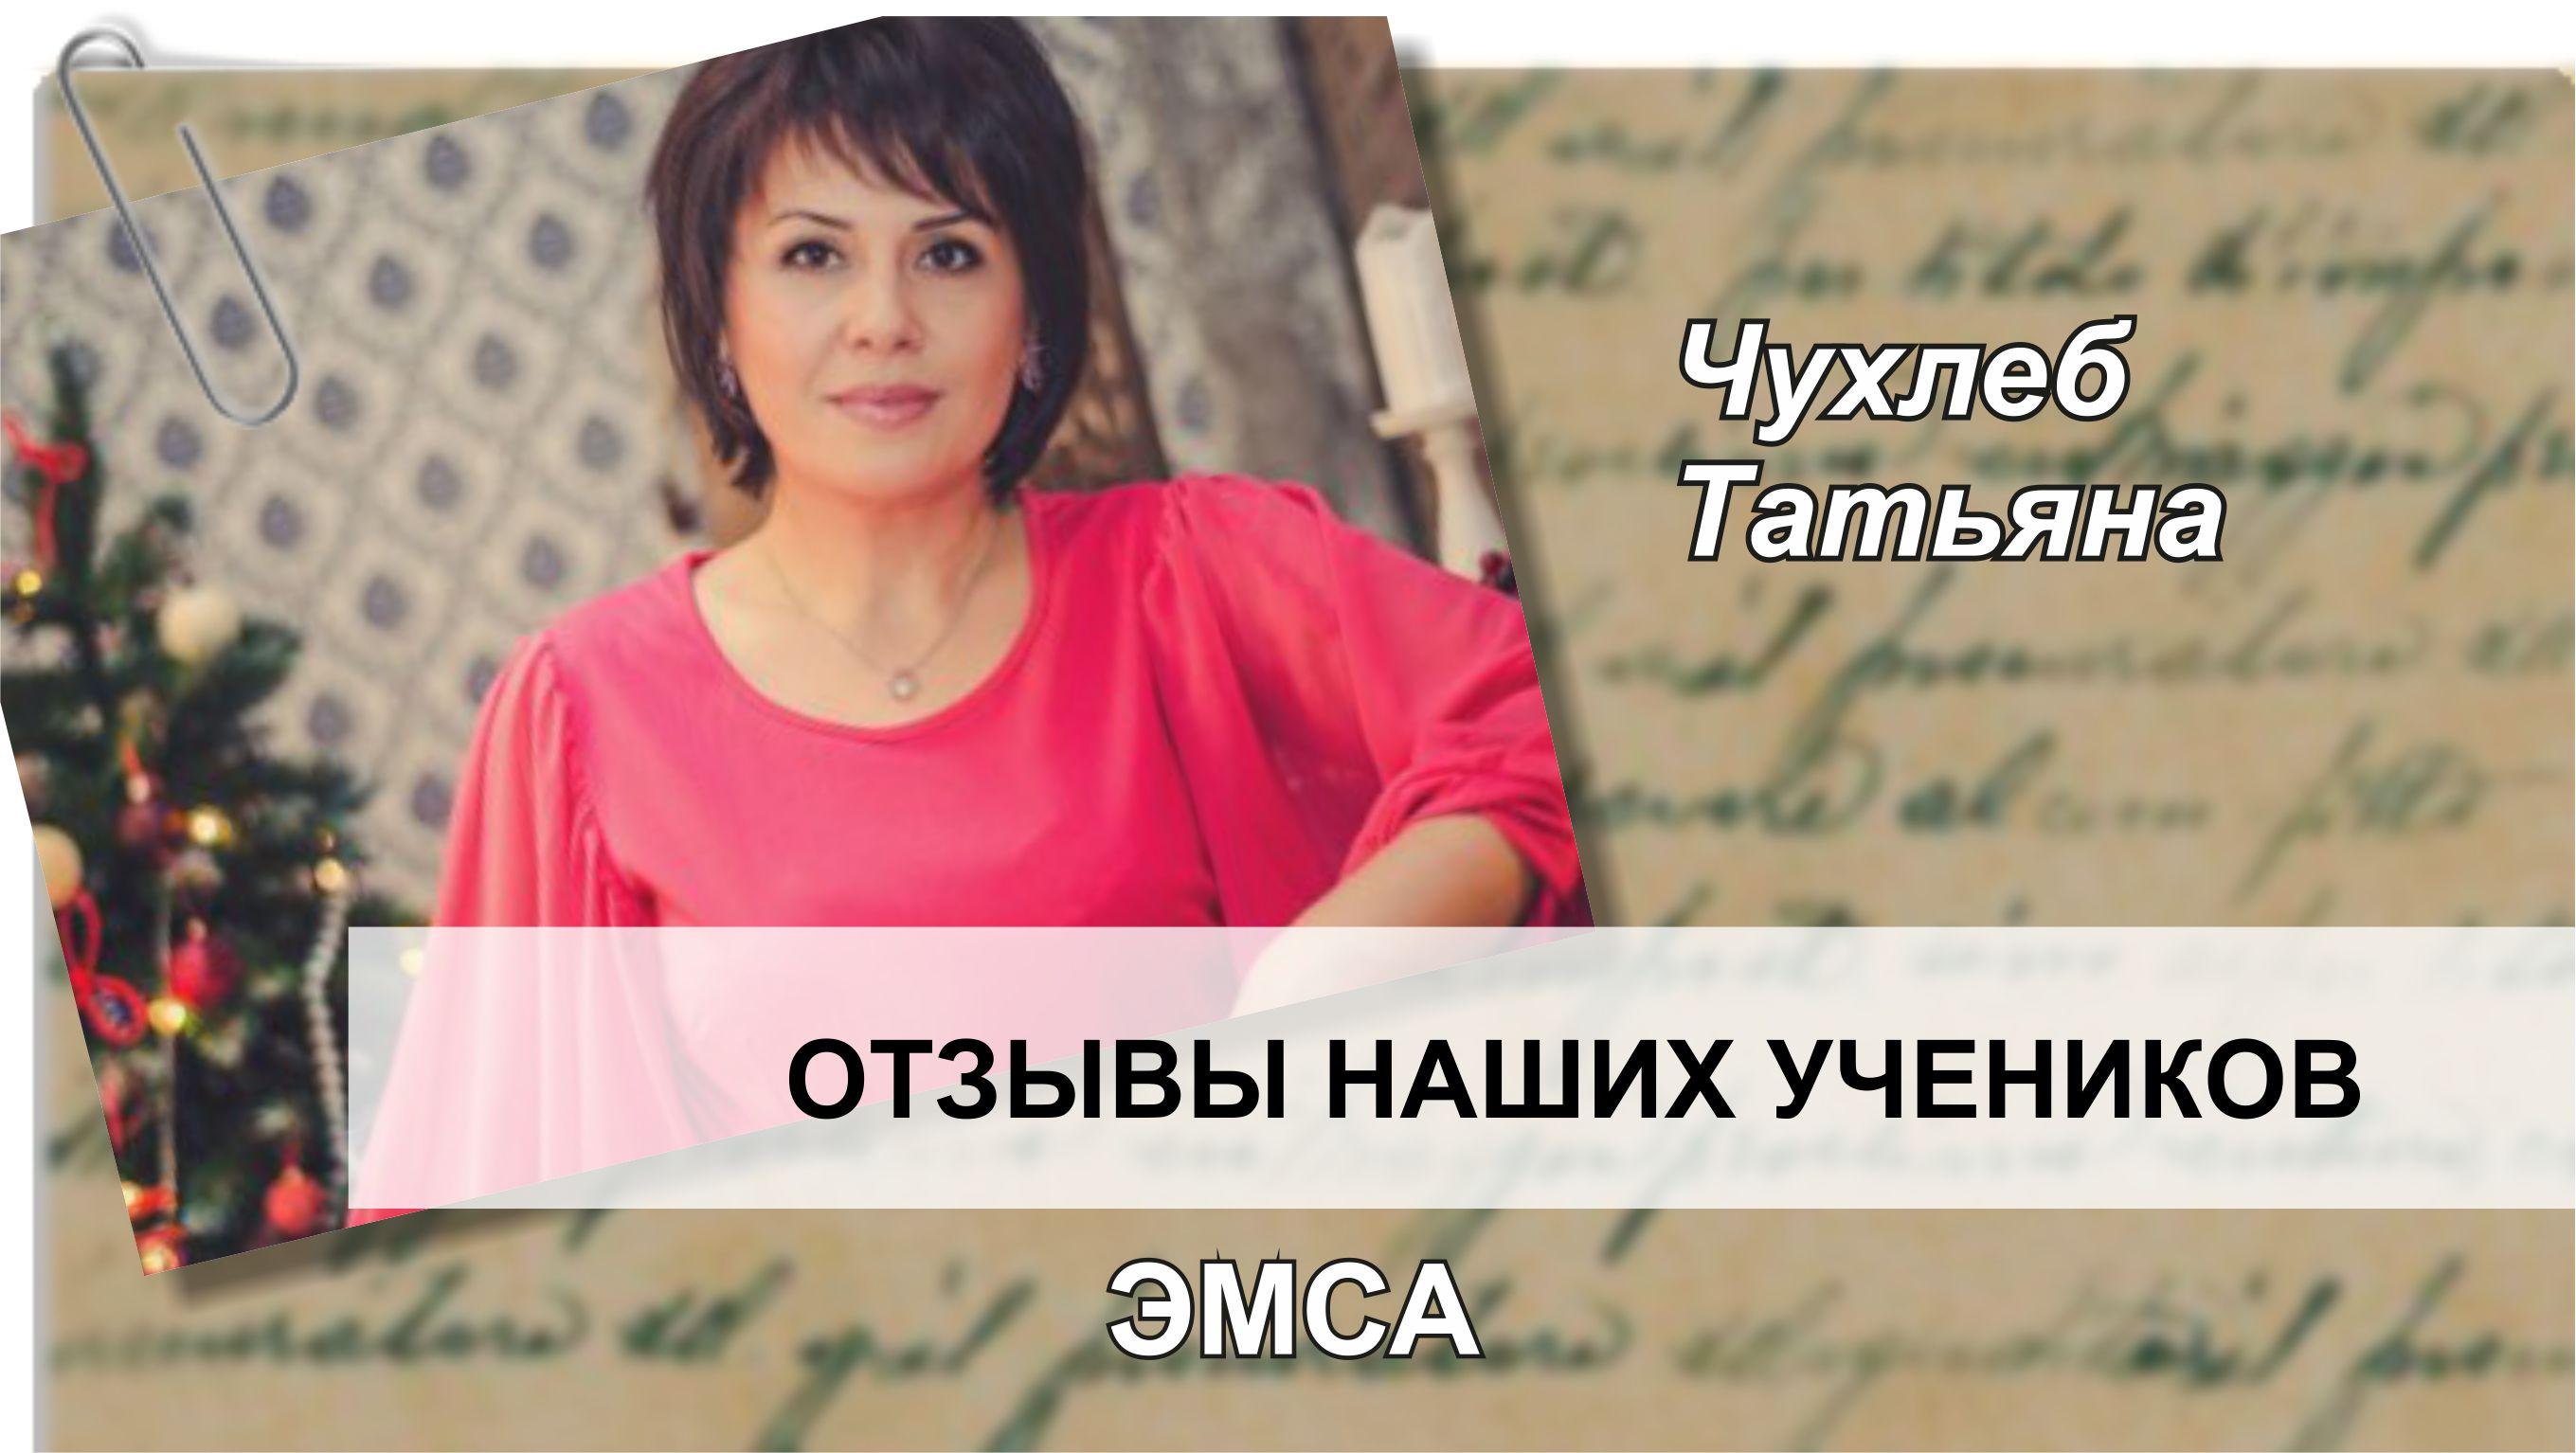 Чухлеб Татьяна делится впечатлениями после обучения в РШТ